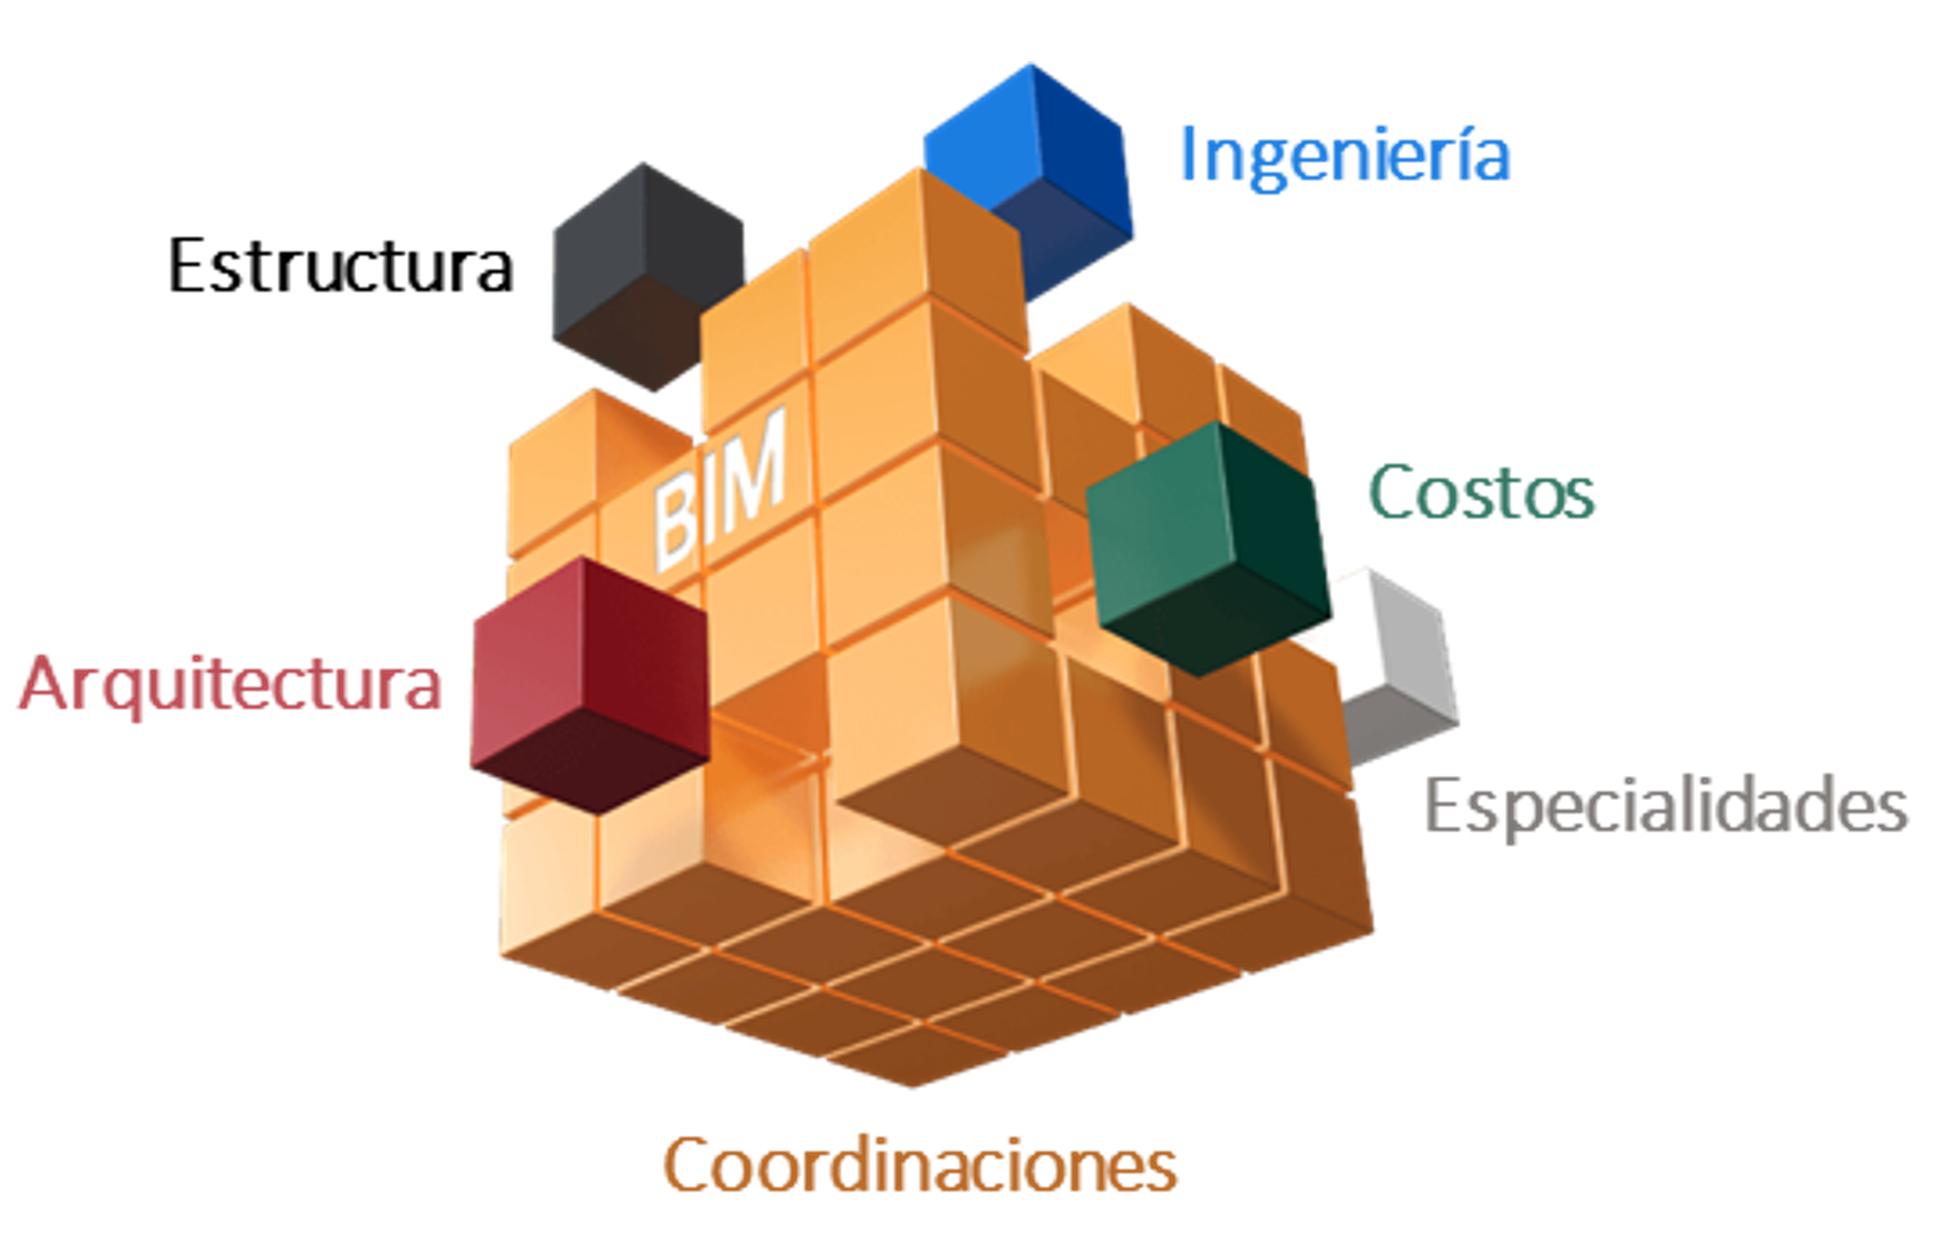 BIM asemeja la realidad constructiva Edificación Virtual